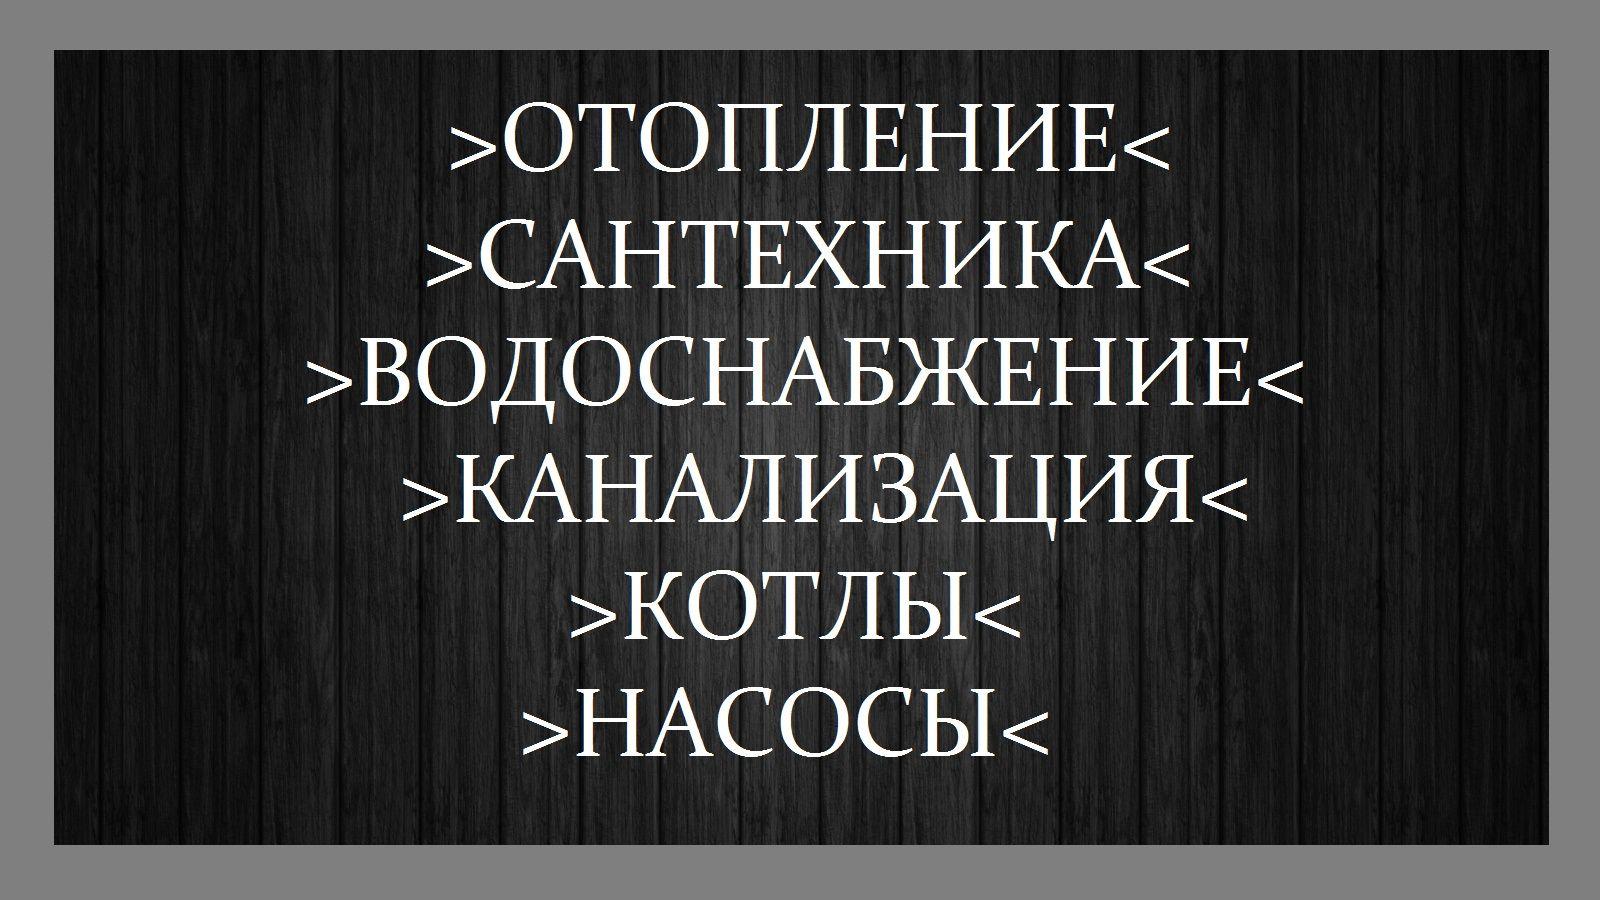 Монтаж радиаторов будерус